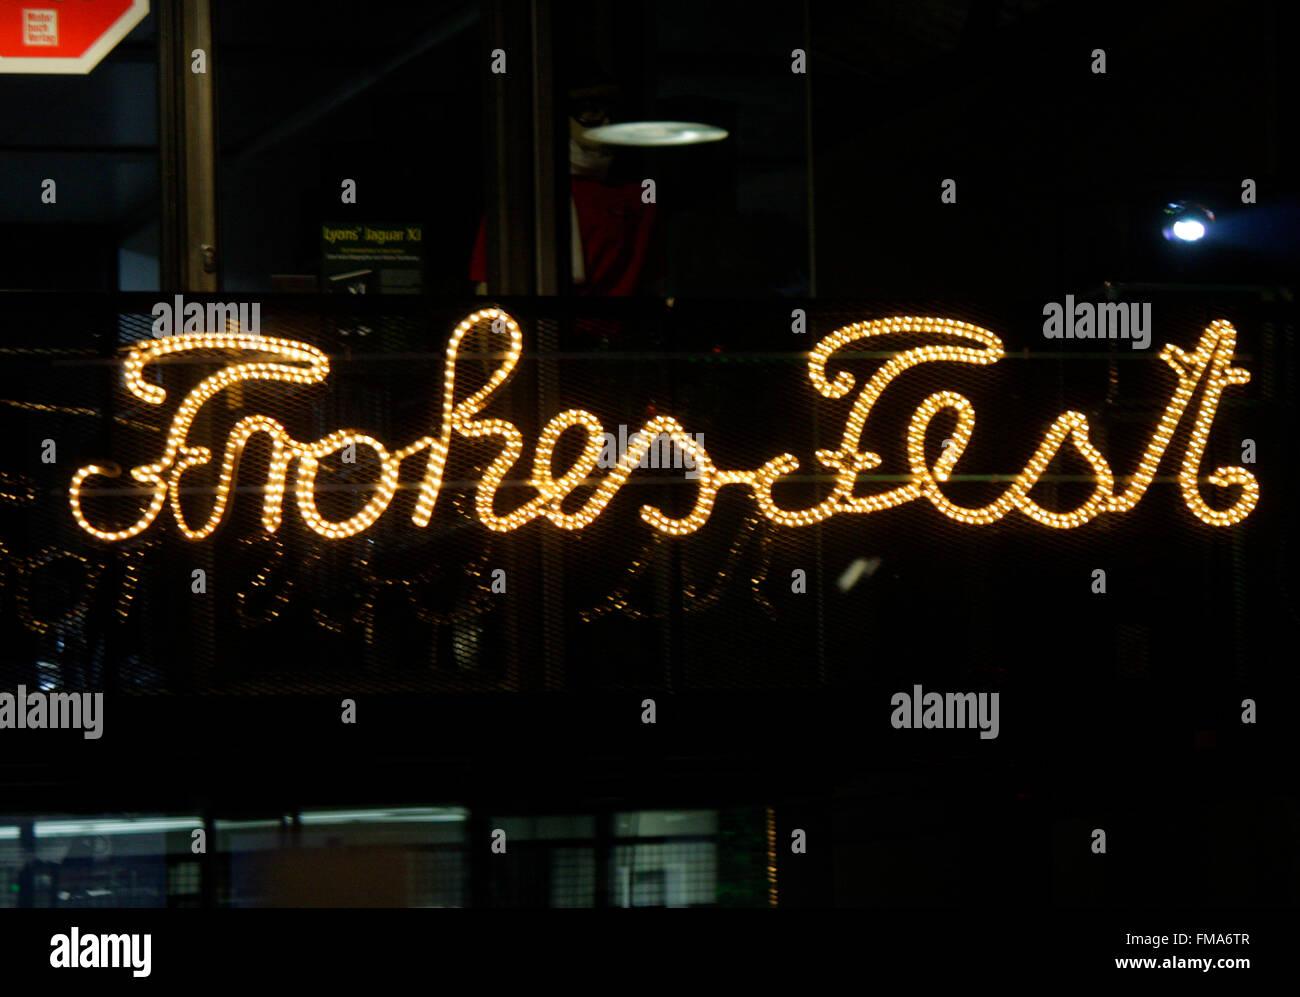 Weihnachtsdekoration: 'Frohes Fest', Dezember 2013, Berlin. - Stock Image